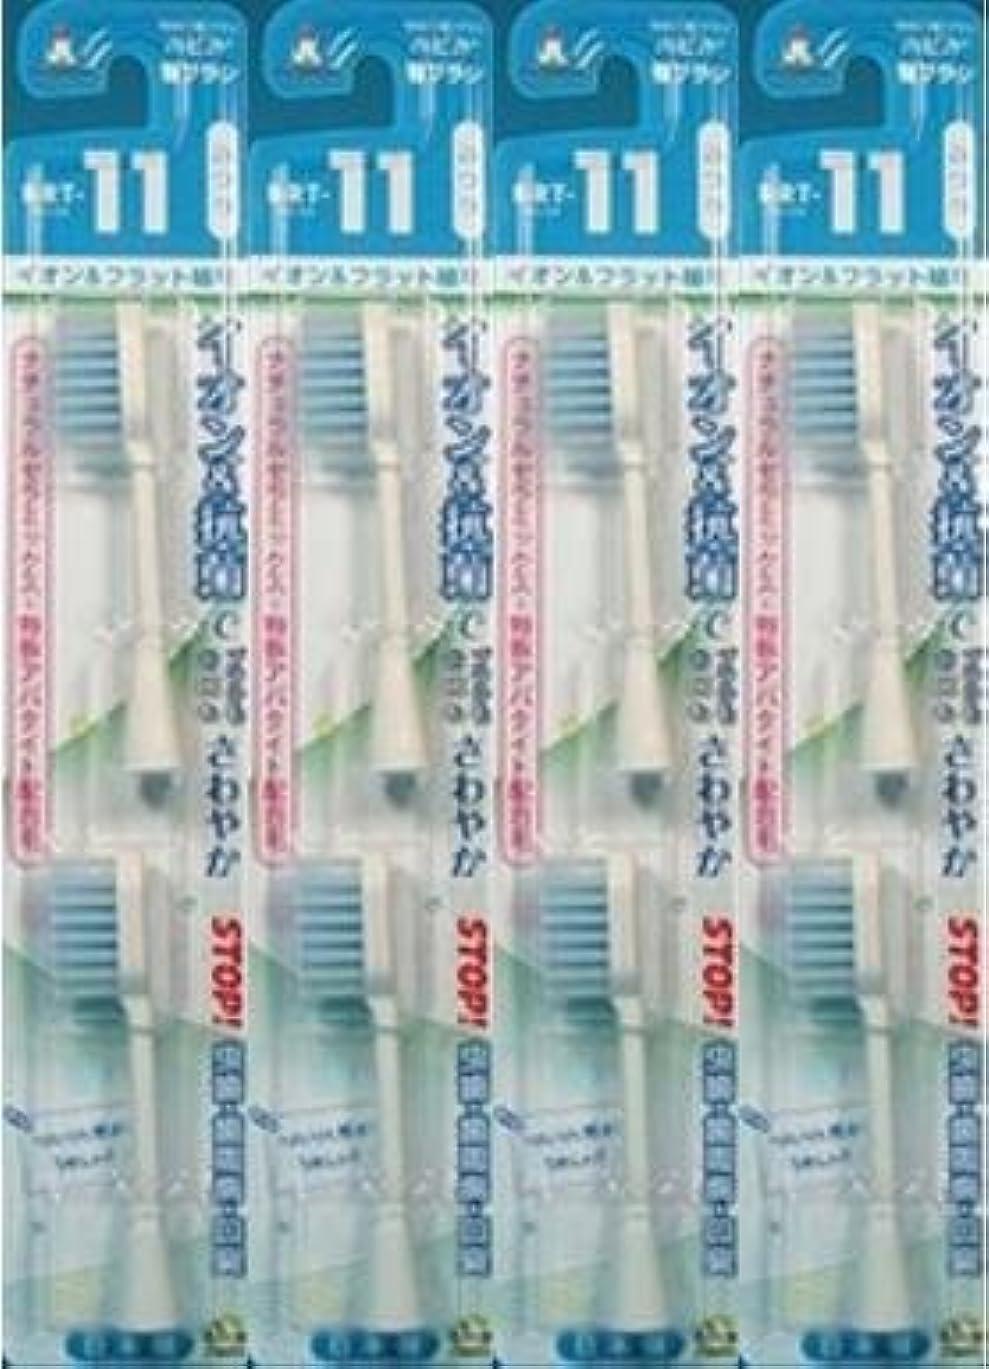 平衡禁じるあさり電動歯ブラシ ハピカ専用替ブラシふつう フラット マイナスイオン2本入(BRT-11)×4個セット